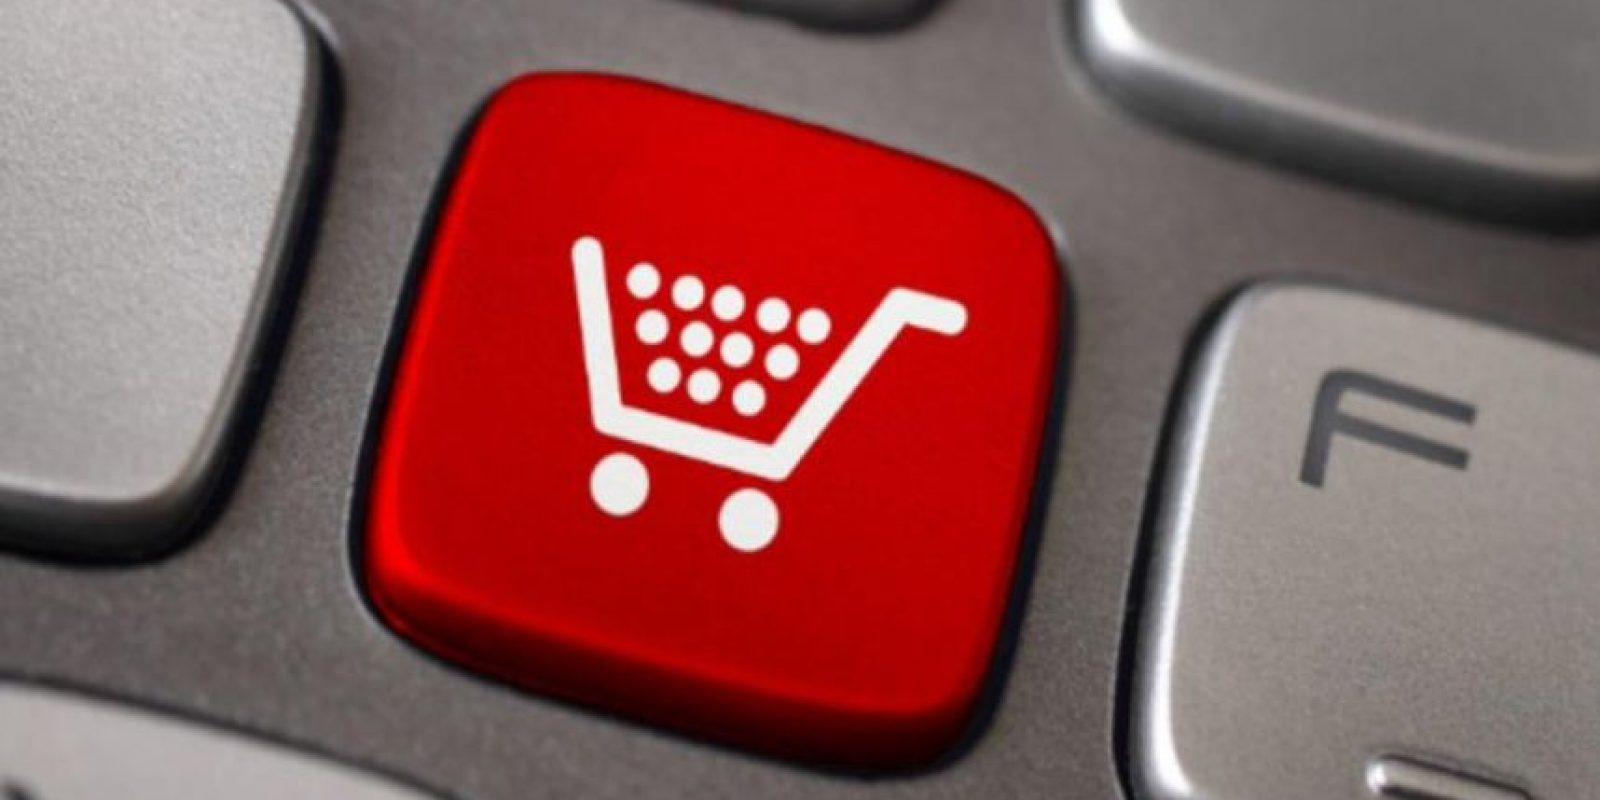 Comprar en línea puede ser bastante seguro si se toman las medidas adecuadas. Foto:Twitter